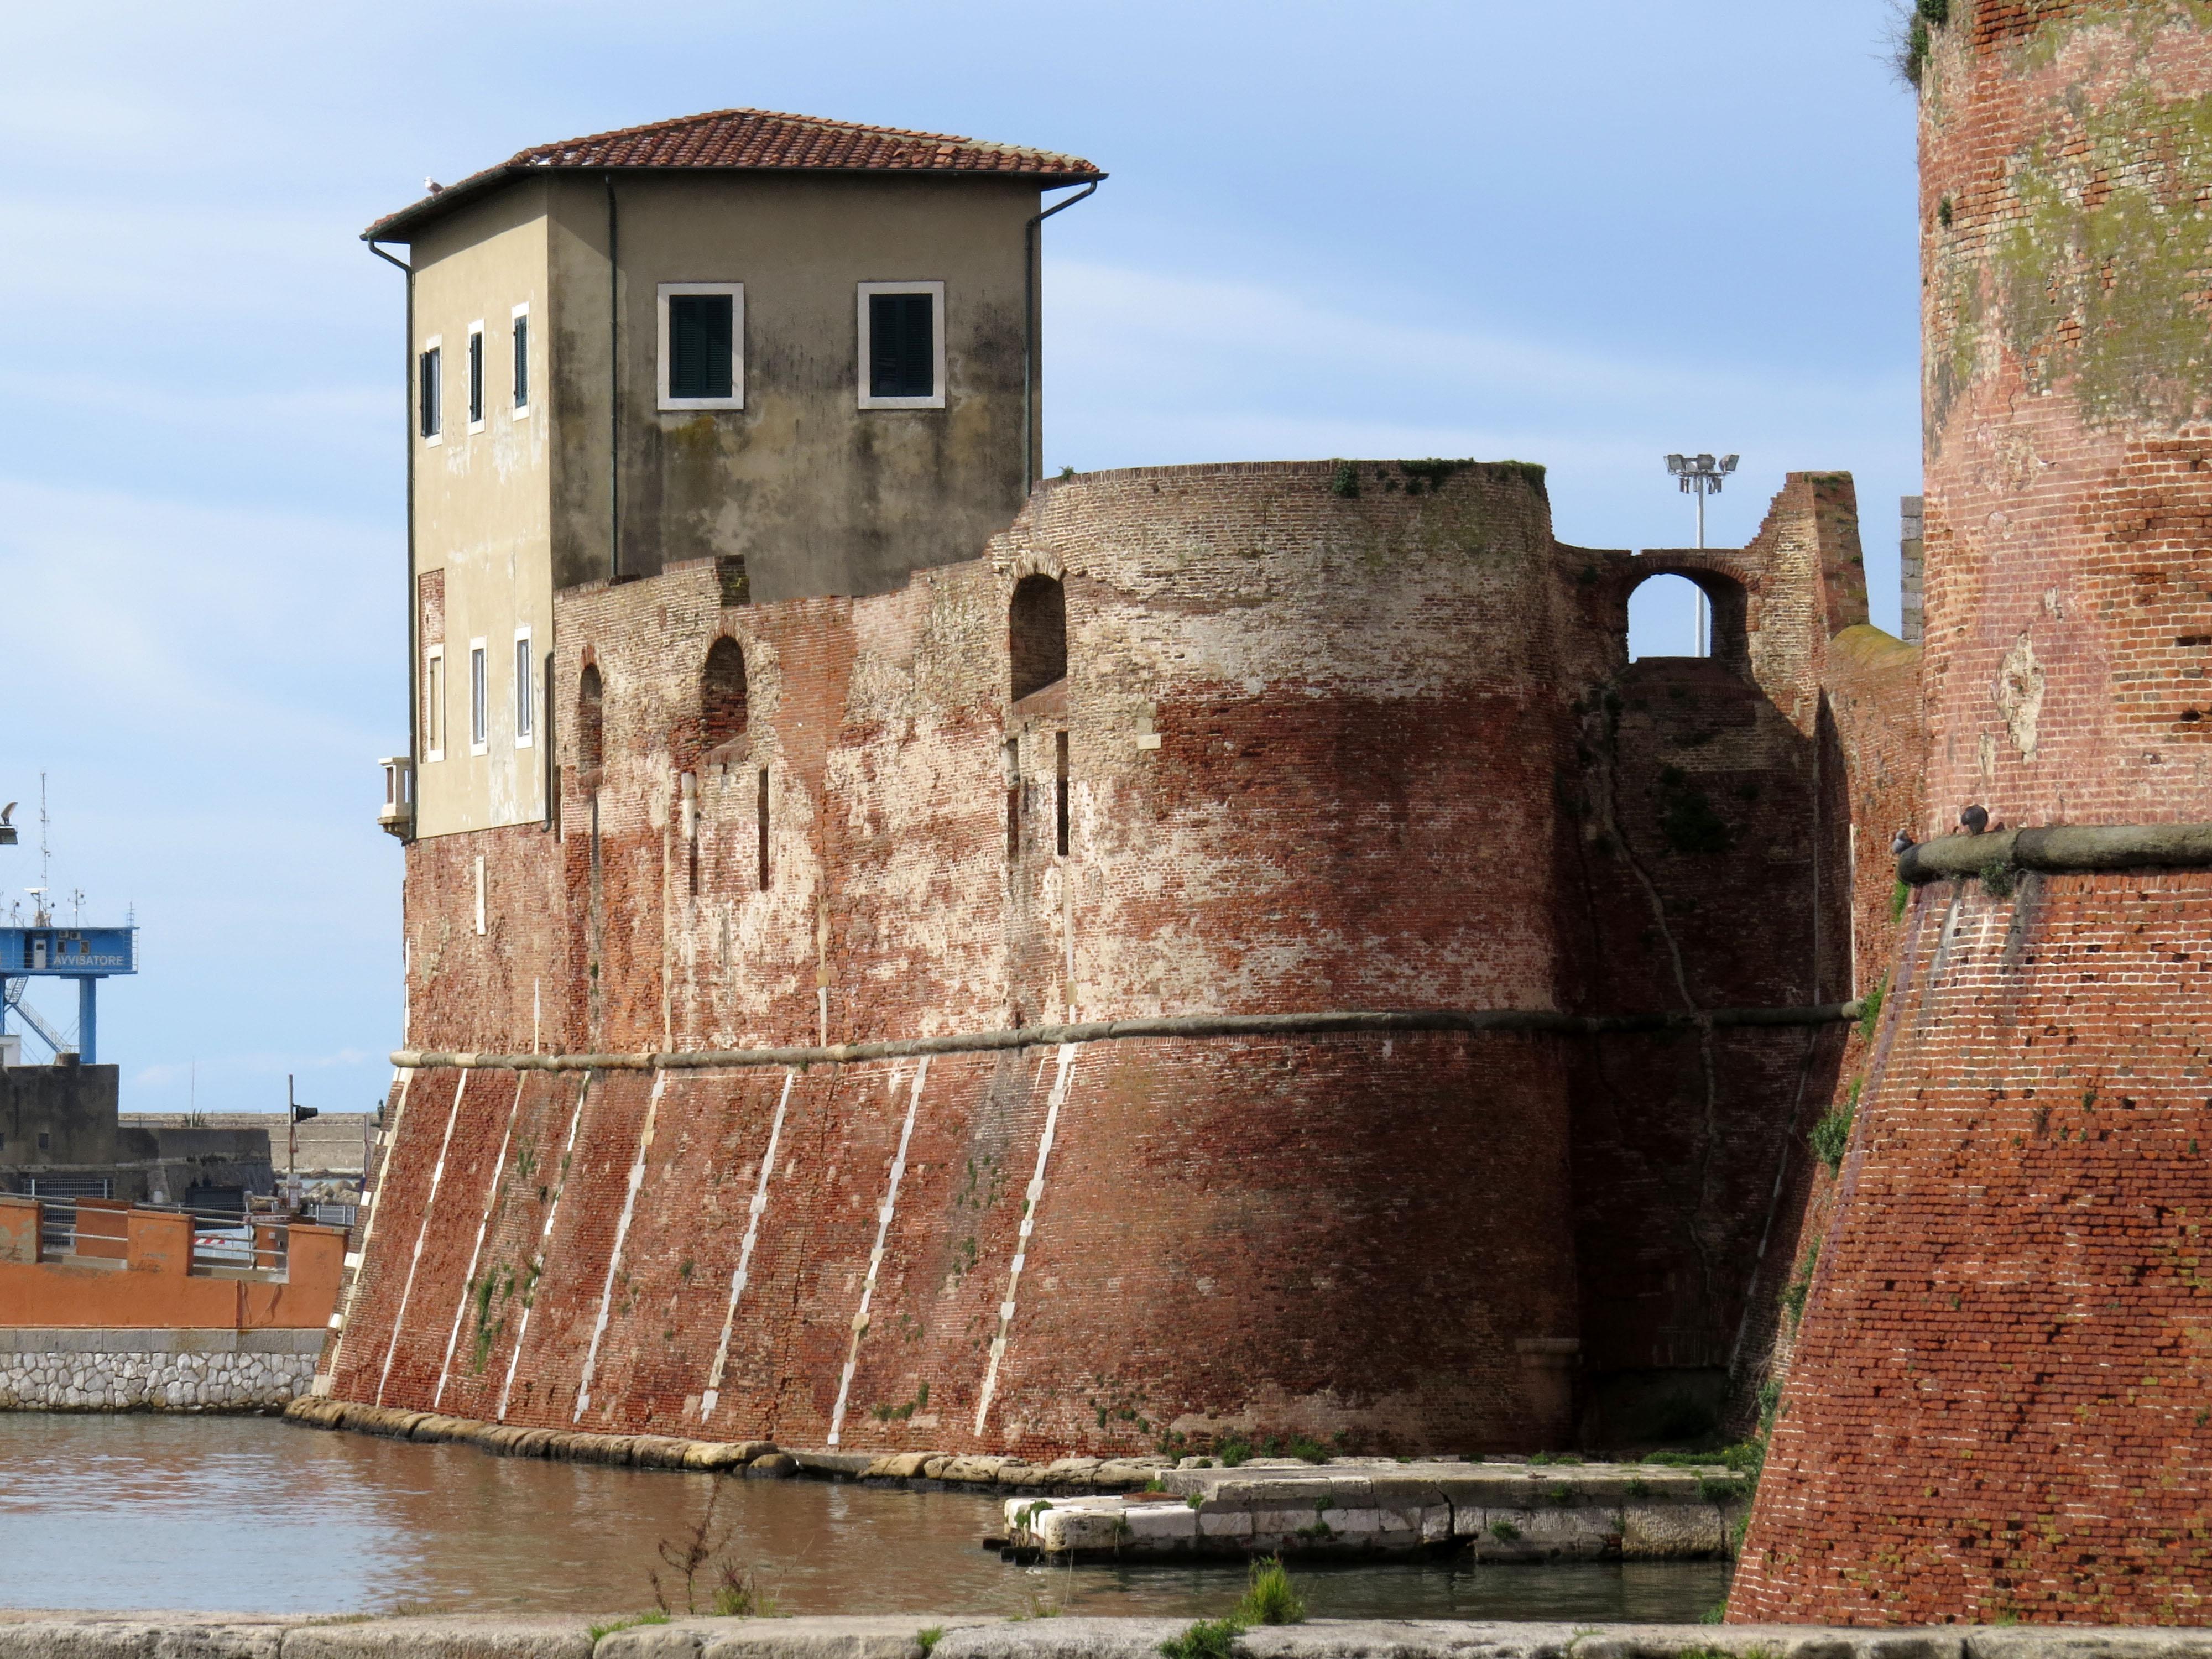 File:Canaviglia bastion of the Fortezza Vecchia, Livorno ...